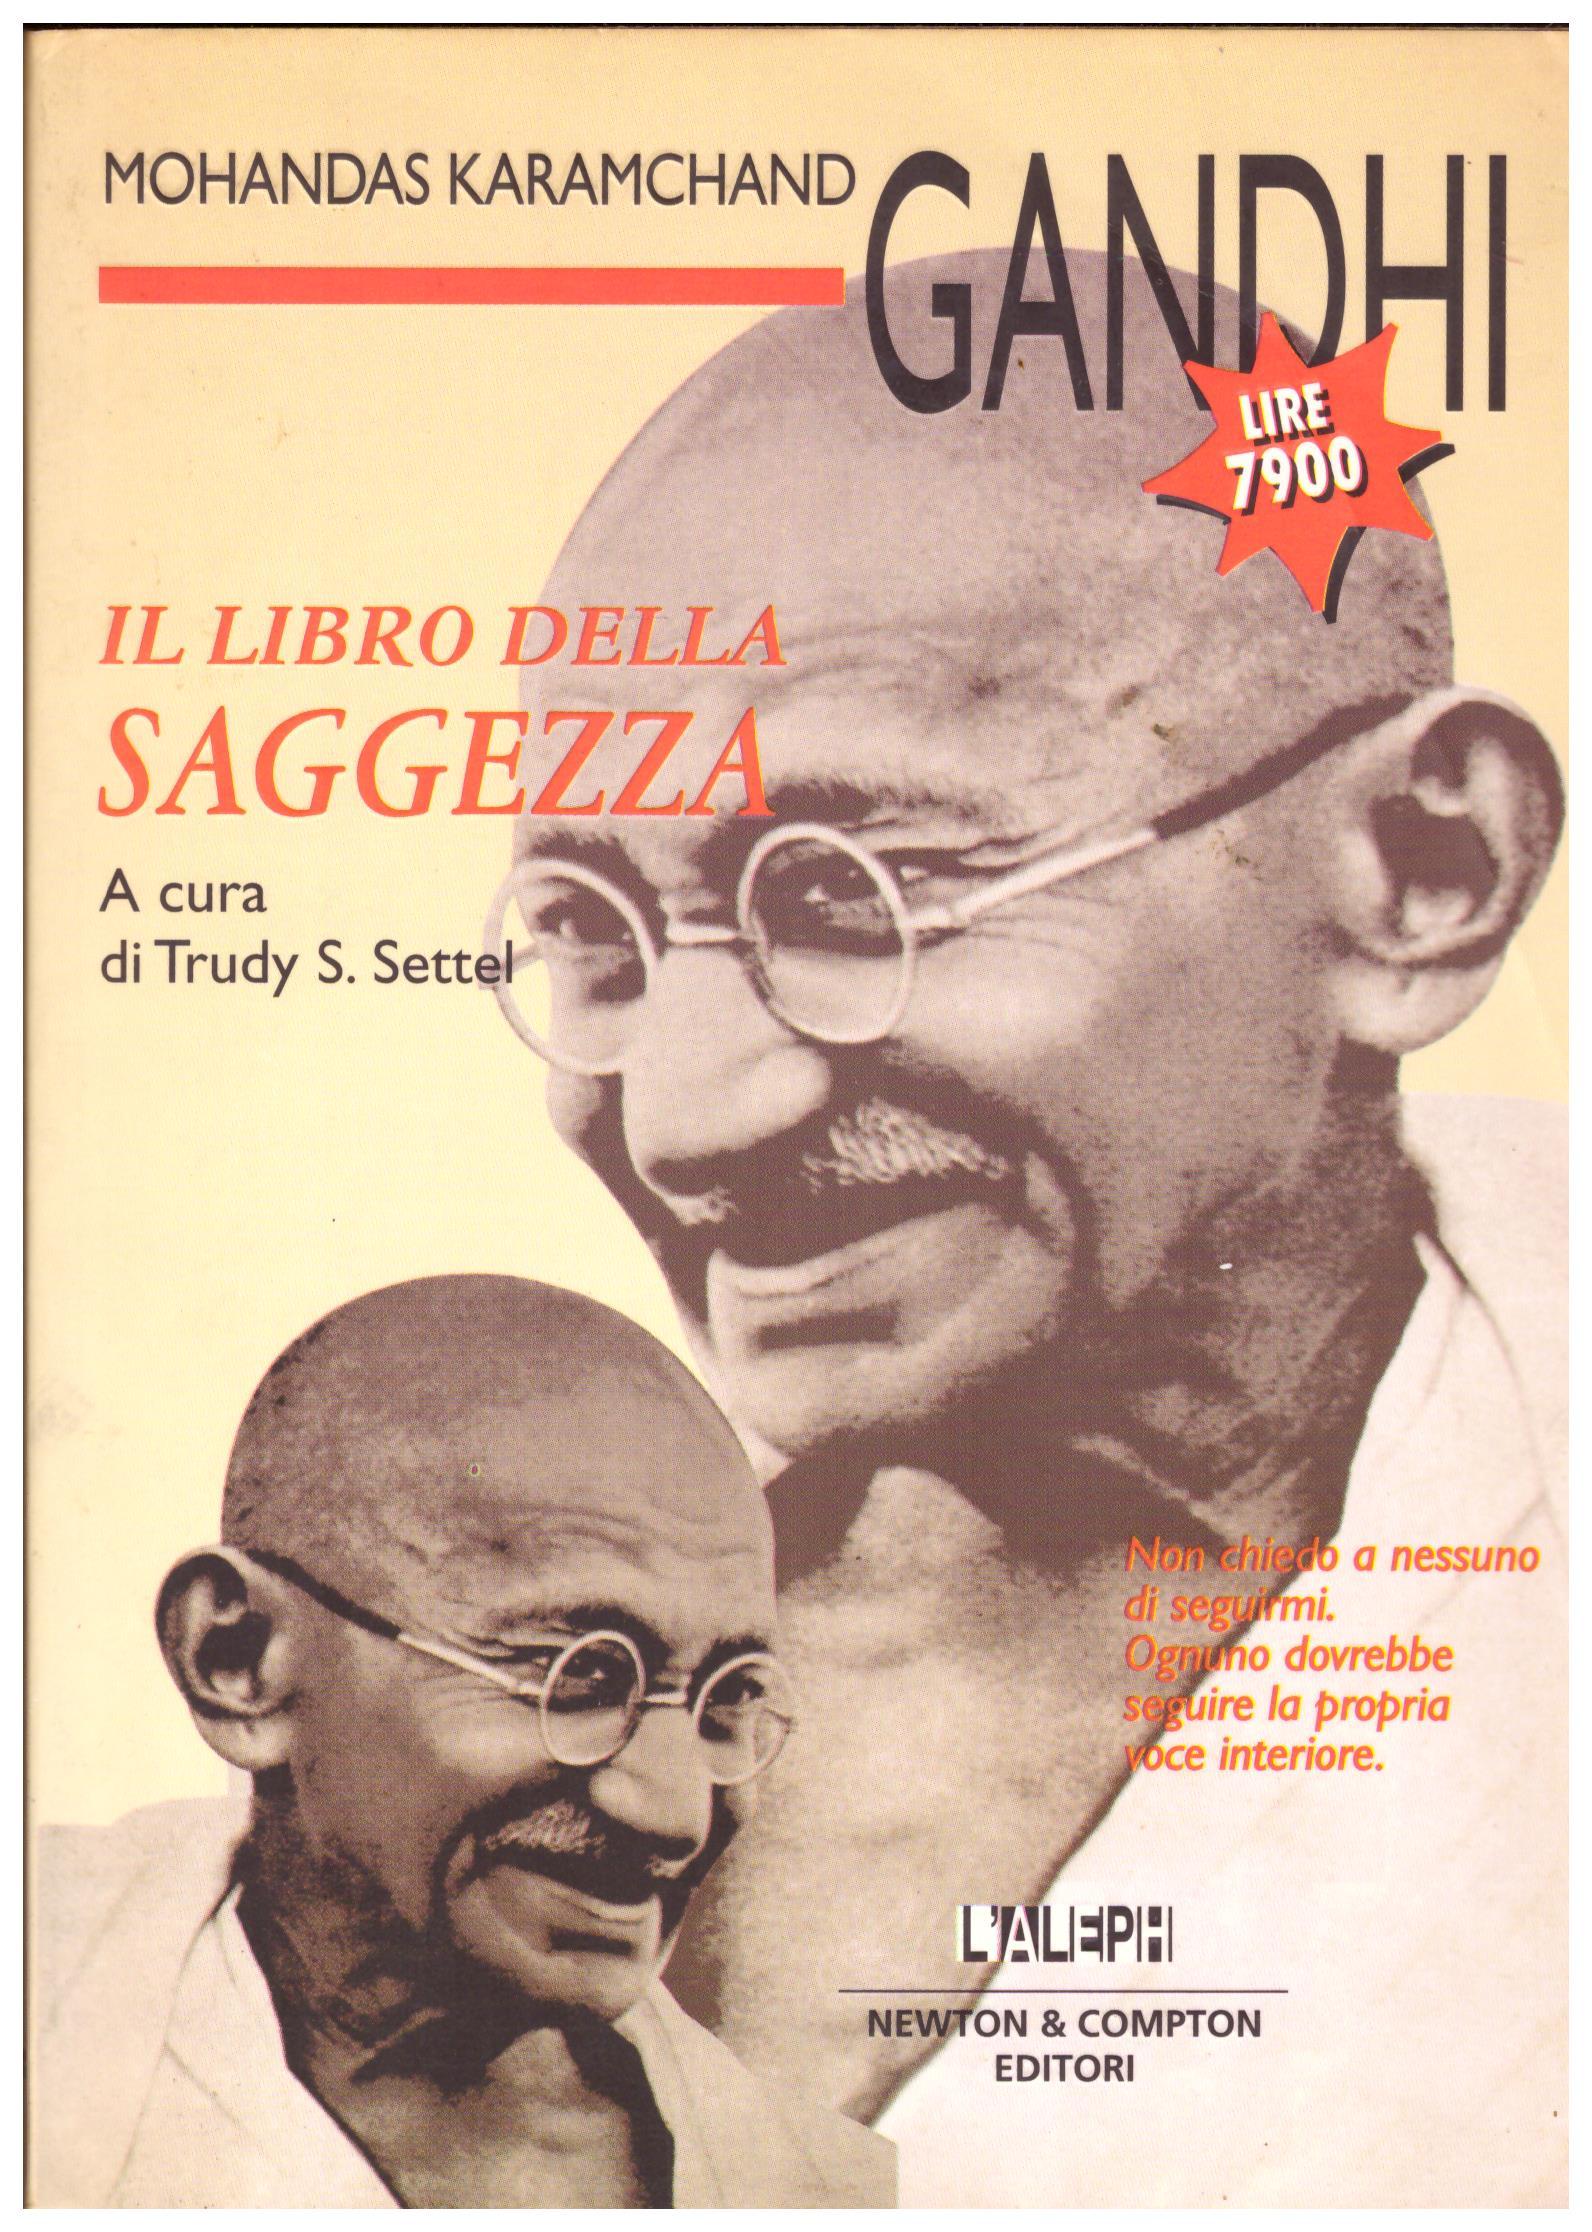 Titolo: Il libro della saggezza Autore: Gandhi Editore: Newton and Compton